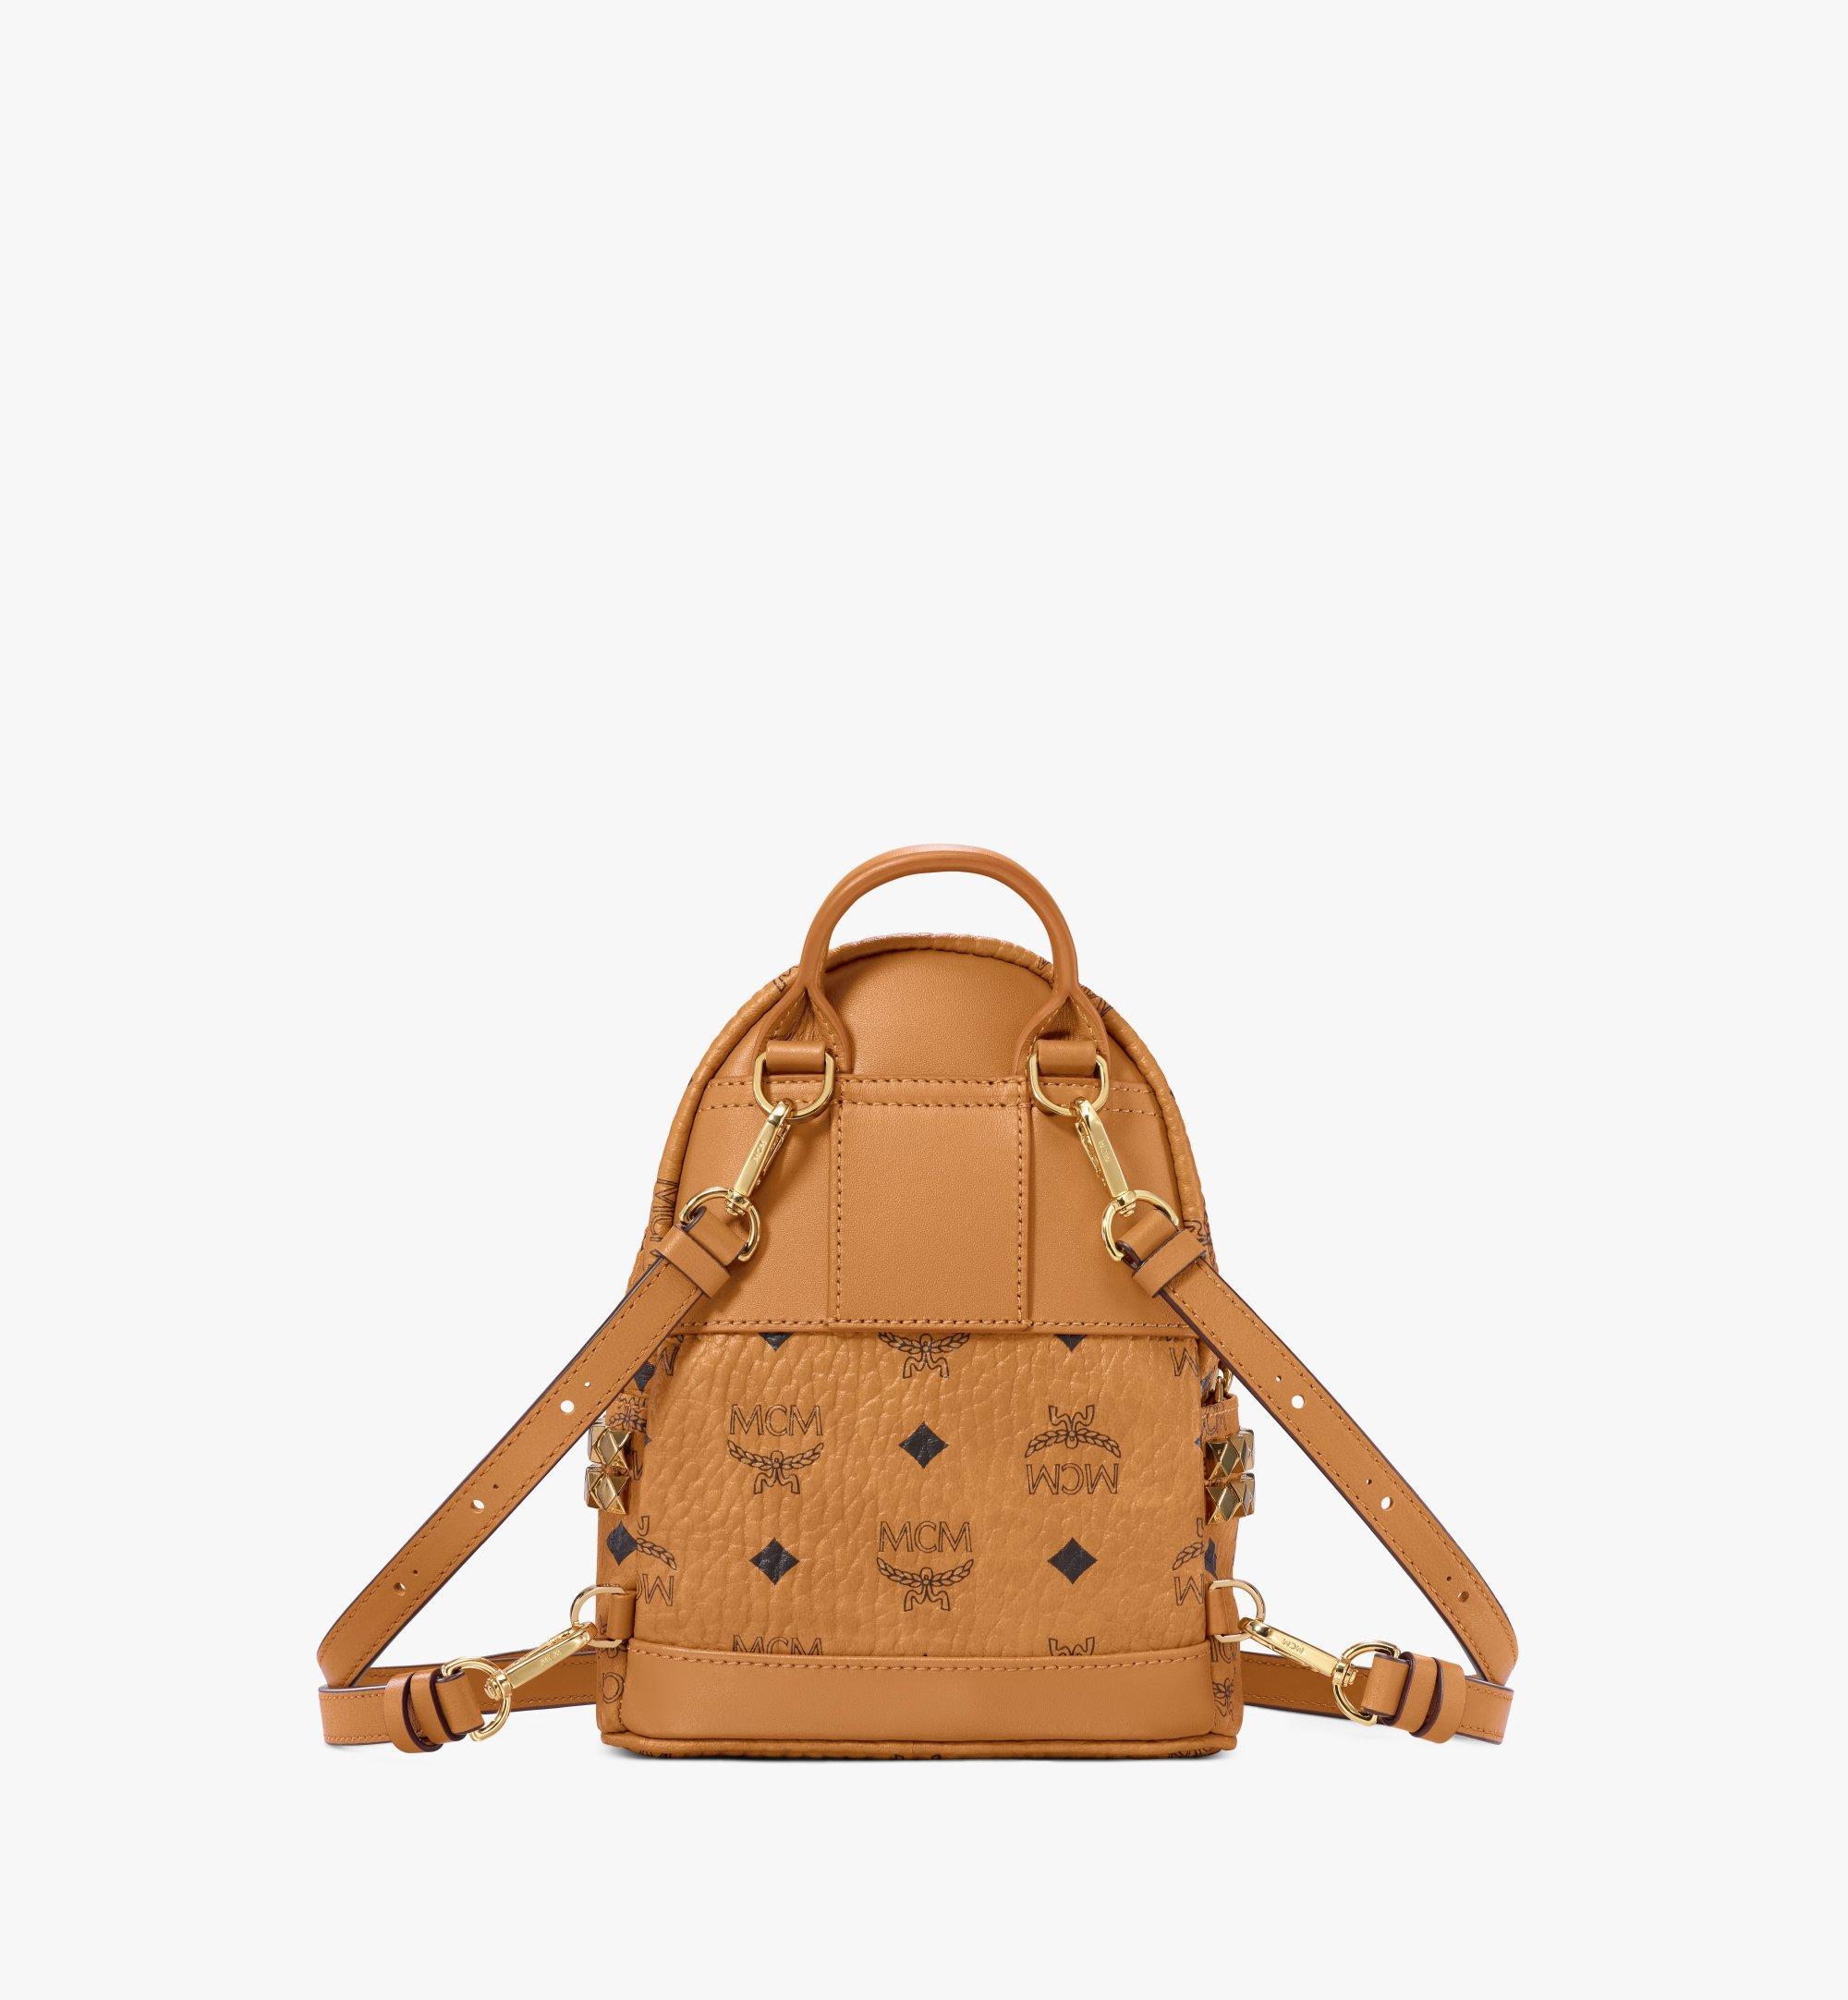 MCM Stark Side Studs Bebe Boo Backpack in Visetos Cognac MMK6SVE92CO001 Alternate View 4